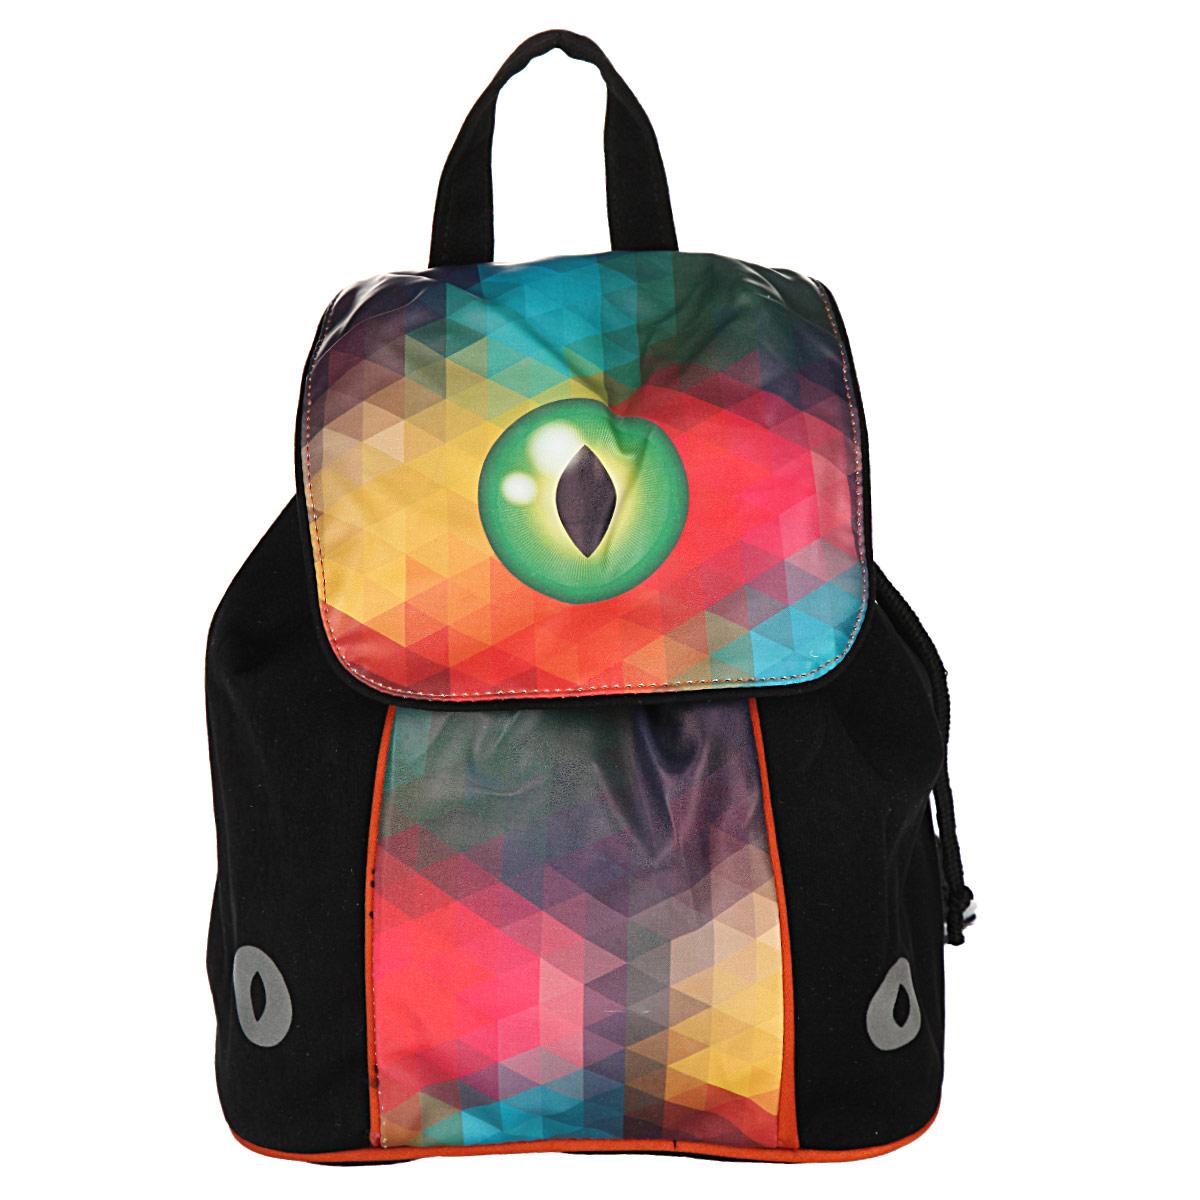 Рюкзак детский Proff Magic Eye, цвет: черный, желтый, красный, зеленый. CI15-BPM-02CI15-BPM-02Рюкзак детский Proff Magic Eye изготовлен из прочного полиэстера, украшен оригинальным рисунком с изображением магического глаза. Изделие имеет одно вместительное отделение, завязывающееся на тесемки, с накидным клапаном сверху, на кнопке. Особенностью рюкзака является второй доступ в основное отделение, расположенный со спины, застегивающийся на молнию. Для комфортной переноски сверху рюкзак оснащен текстильной ручкой. Стильный и удобный рюкзак станет отличным подарком для ребенка!